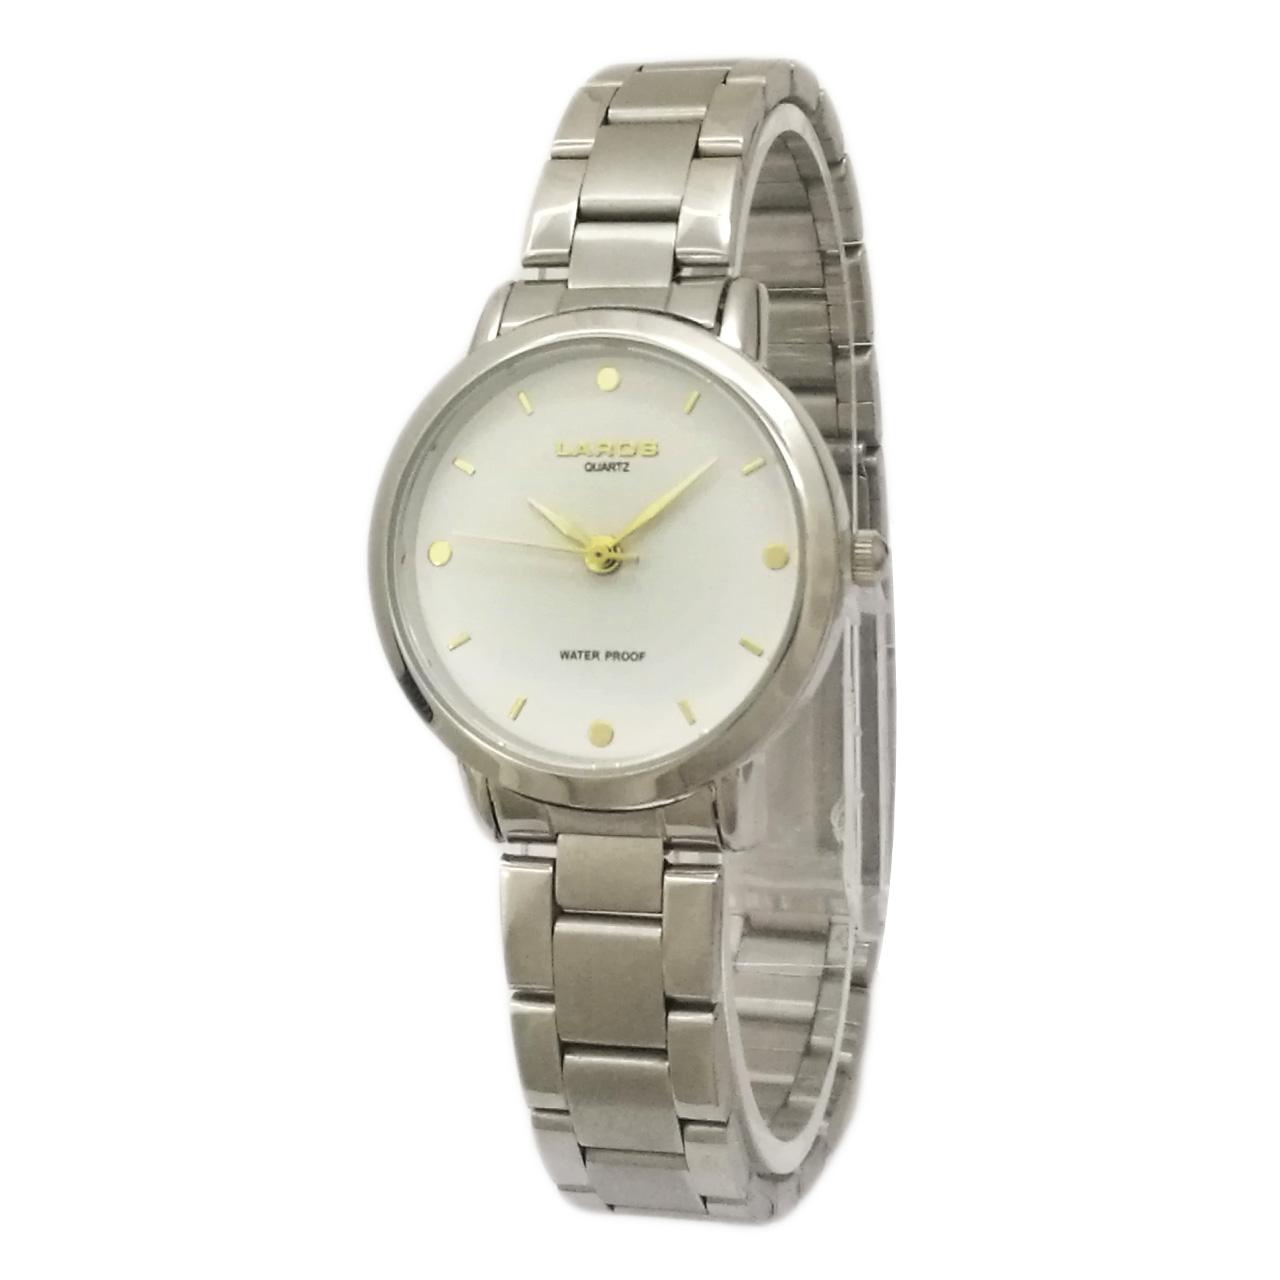 ساعت مچی عقربه ای زنانه لاروس مدل0916-79928